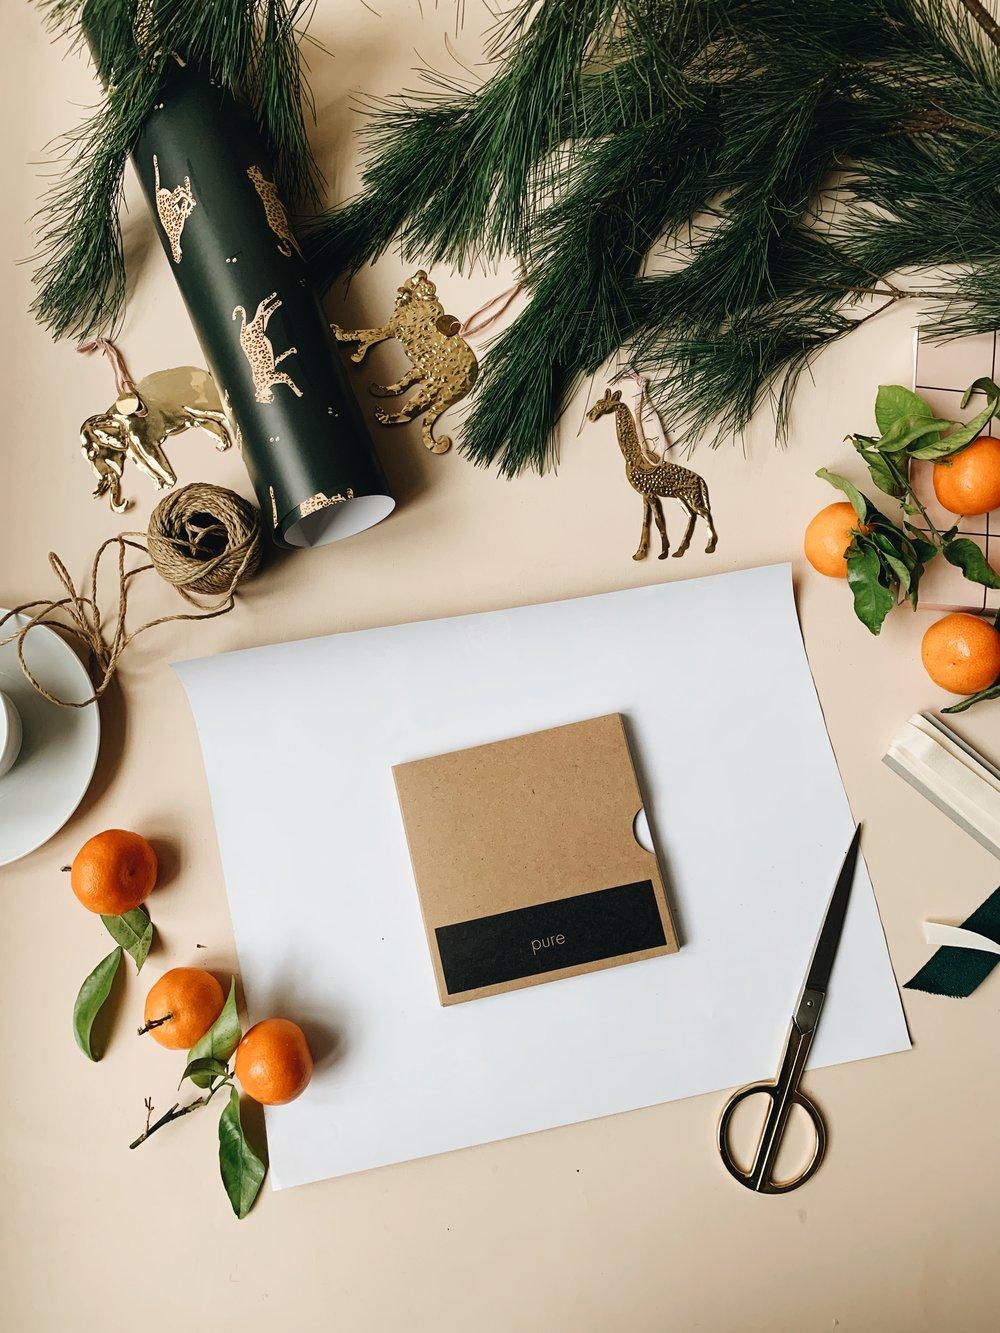 Geschenke mit Tradition: Das Reise-Fotobuch